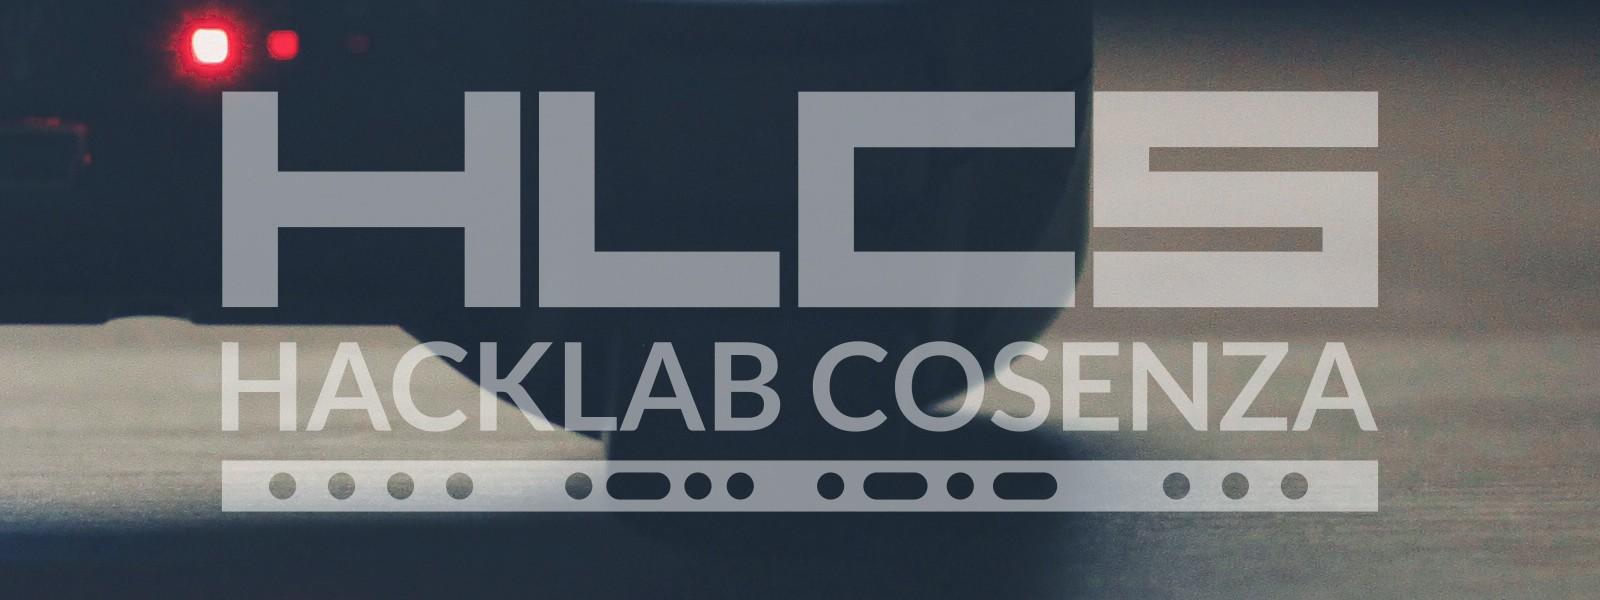 hacklab_2